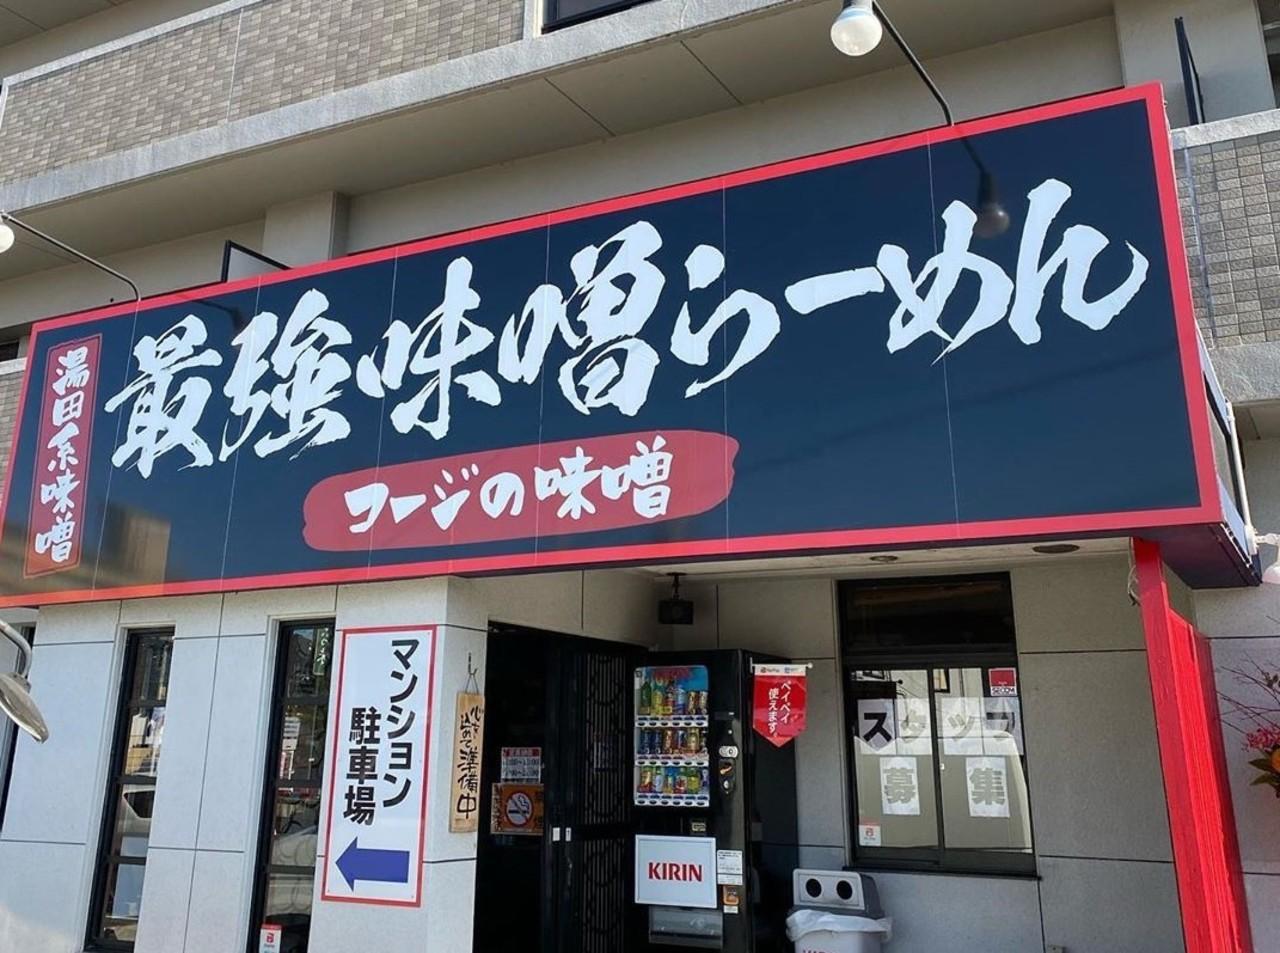 山口県山口市吉敷下東1丁目に「コージの味噌山口湯田店」が昨日グランドオープンされたようです。